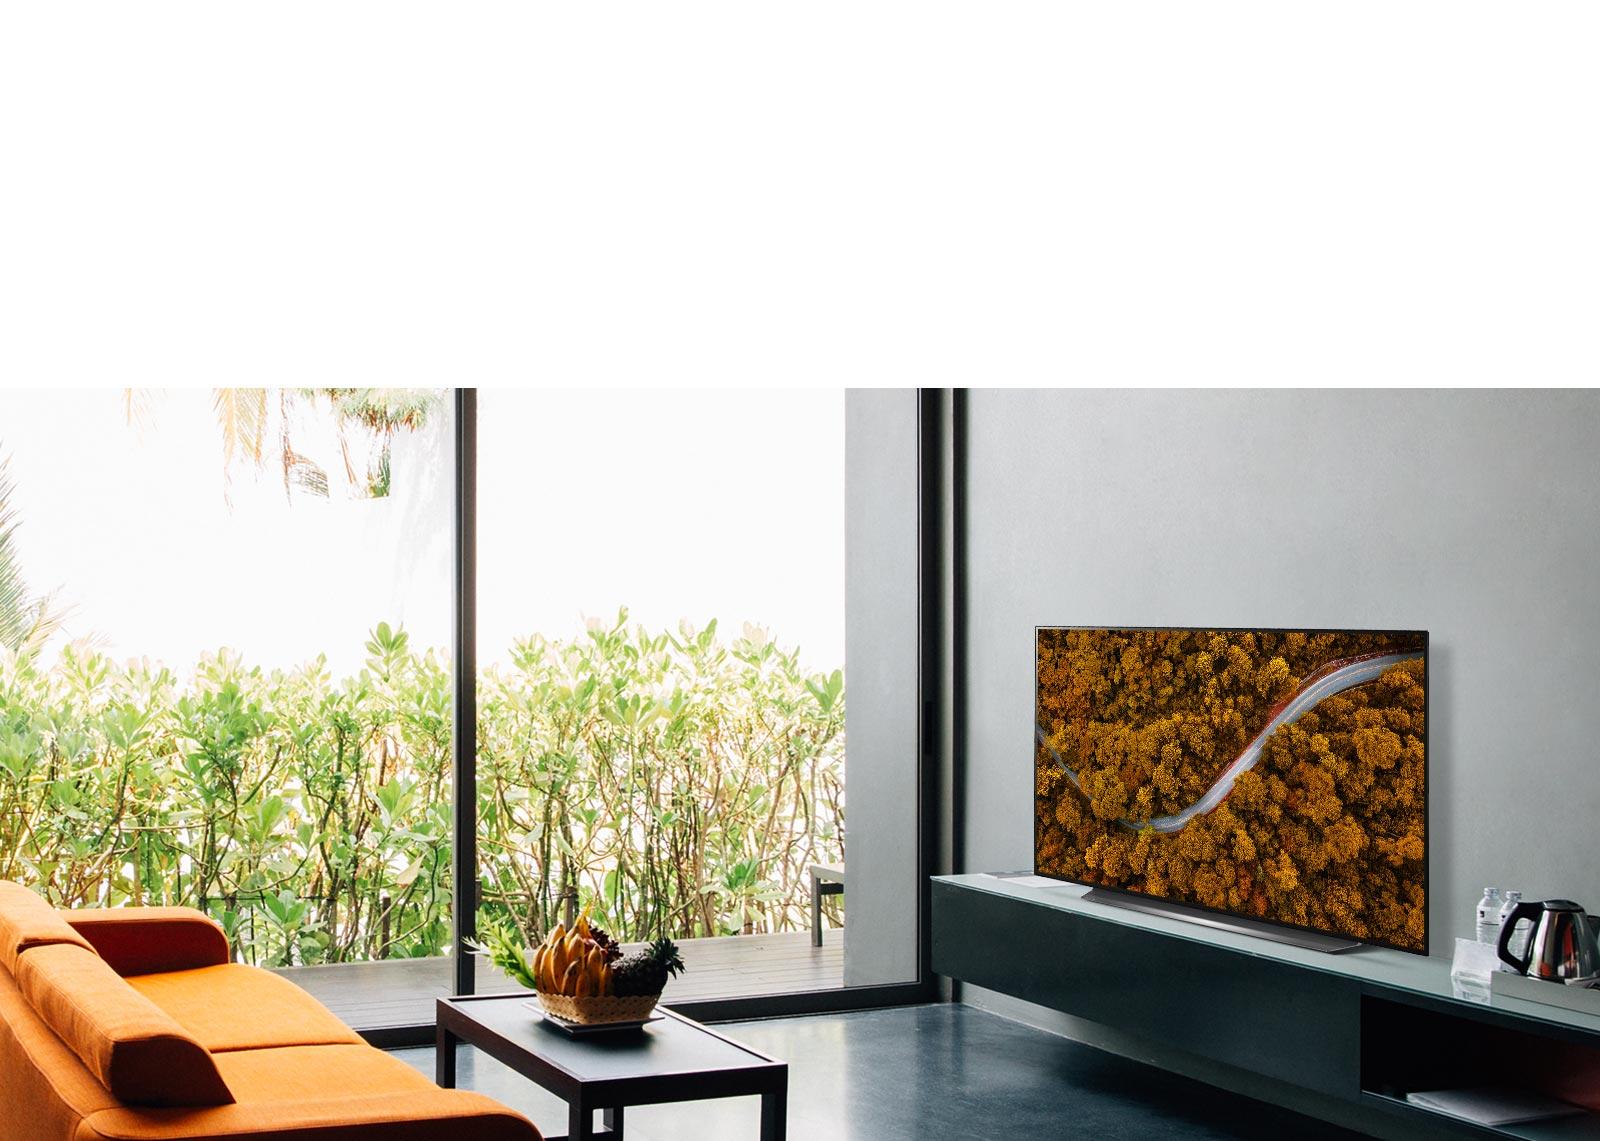 غرفة معيشة بها أريكة وتلفزيون يعرض صورة جودة جوية للطبيعة الخلابة